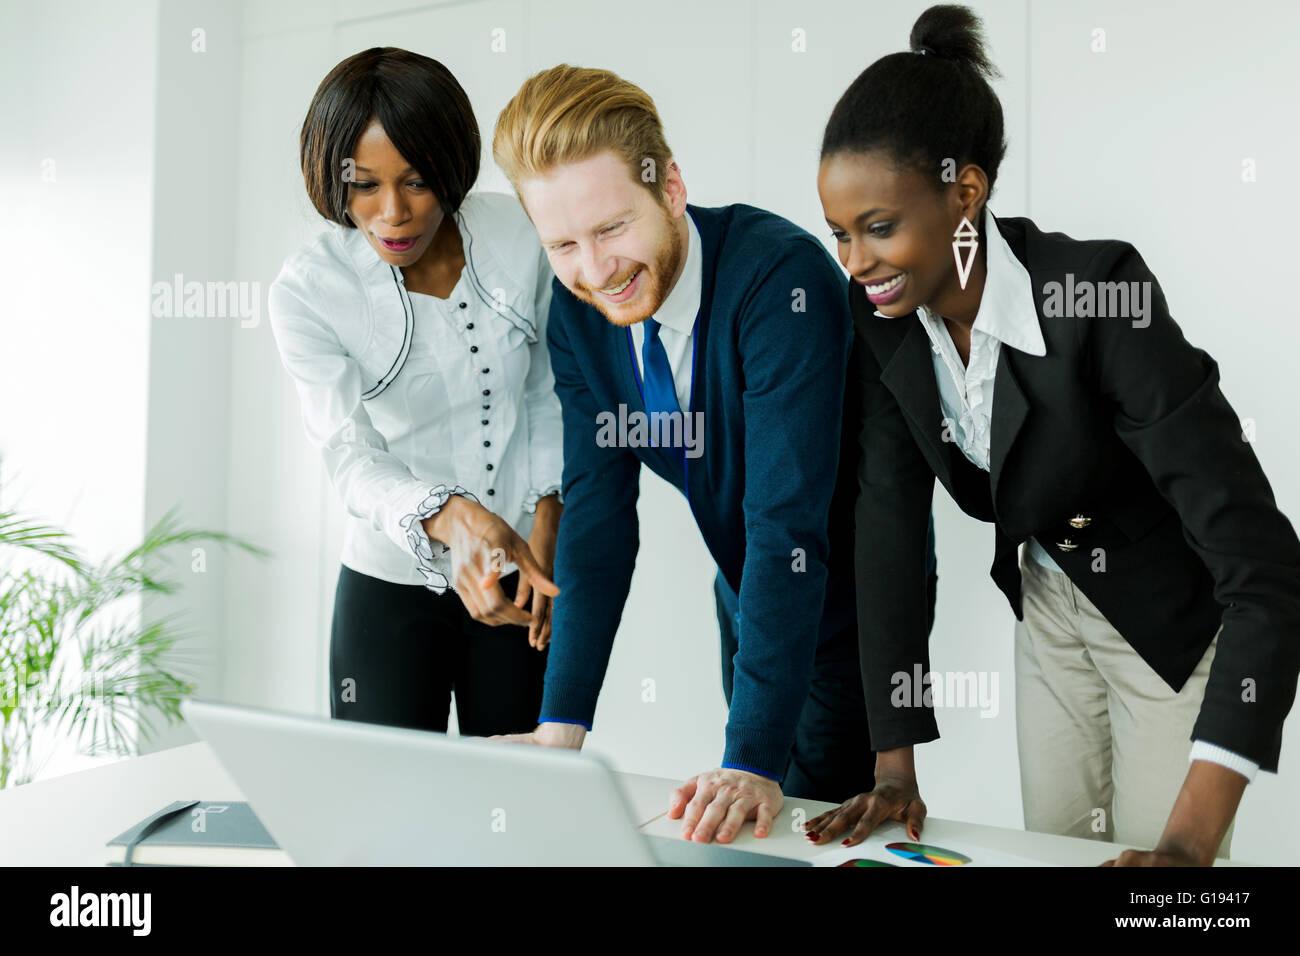 Lluvia de ideas de negocios por feliz, bien vestida pueblo multiétnico en un lugar limpio, blanco office Foto de stock